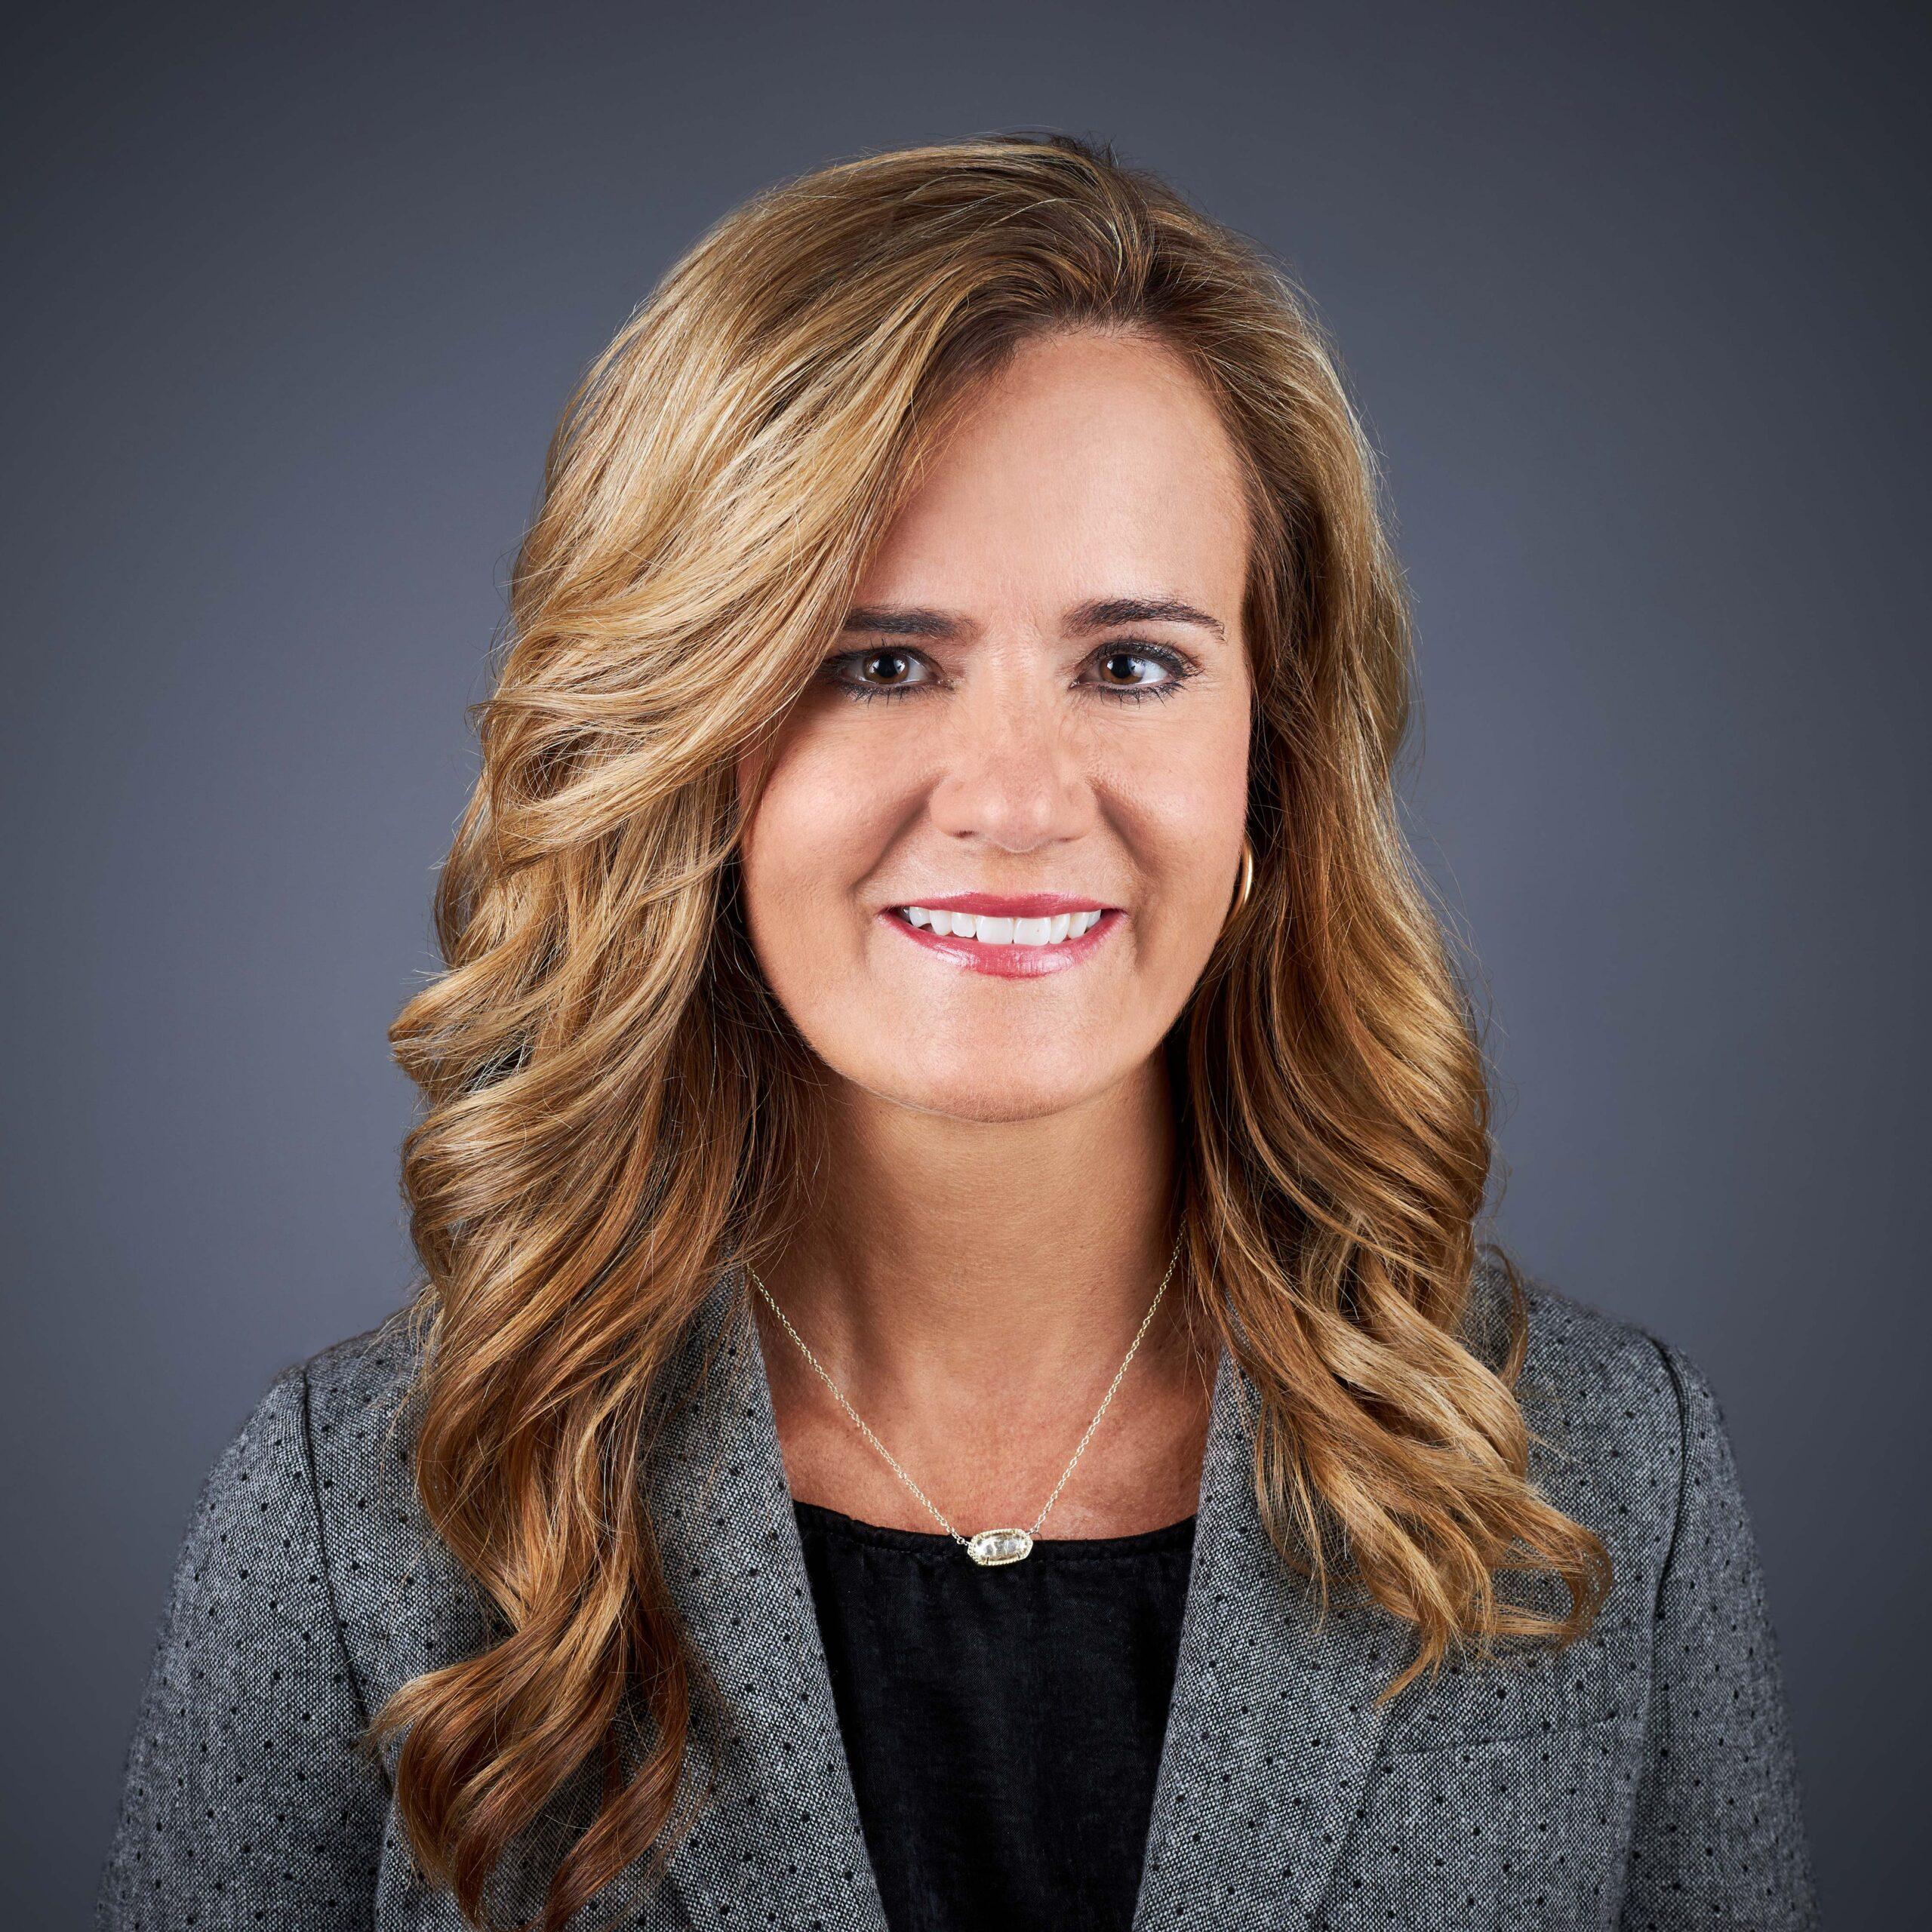 Jill Ellison